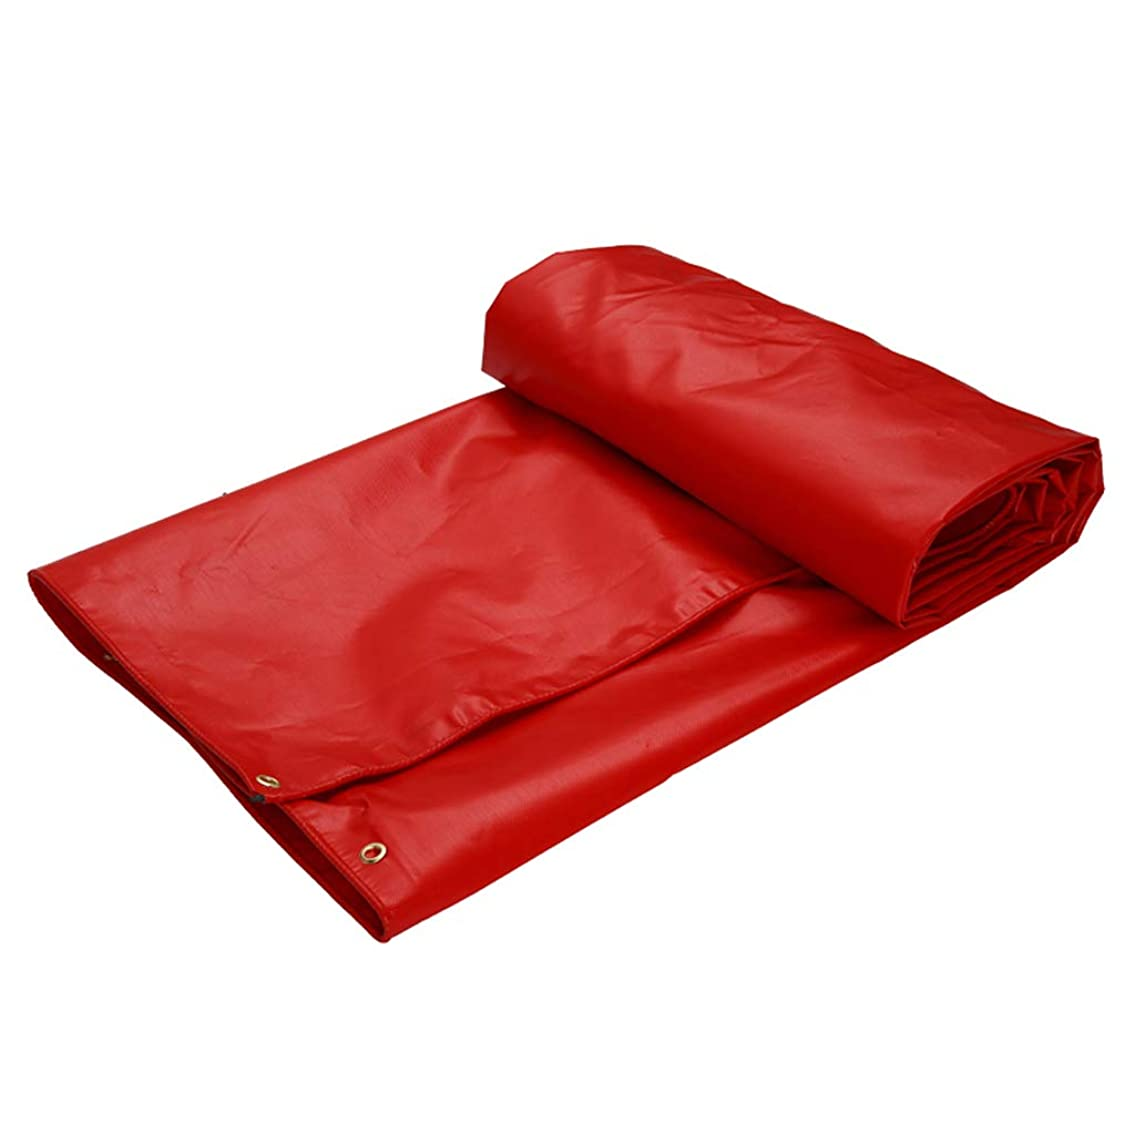 ラベ固めるレンダー防水布日焼け止め日除け防水防風布 (Color : Red, Size : 3x3m)